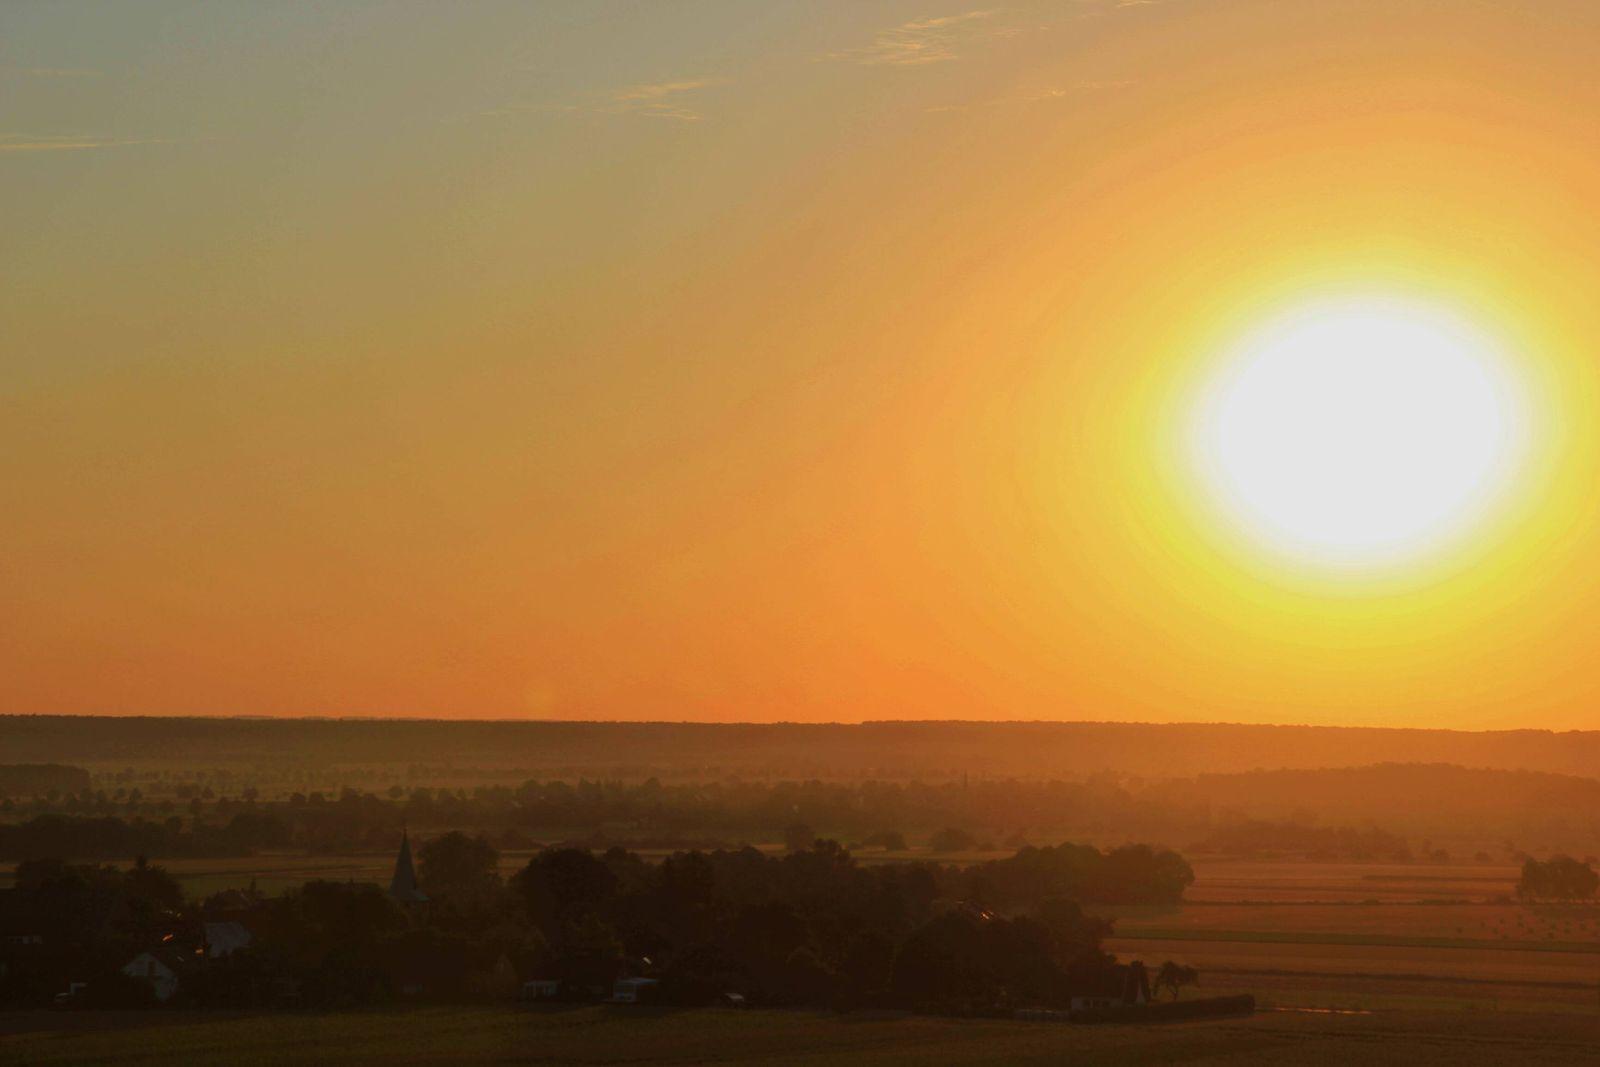 Sonnenaufgang über dem Oderwald Wolfenbüttel. Um genau 5:45 lugte die Sonne über dem Horizont und erstrahlte den Landkr